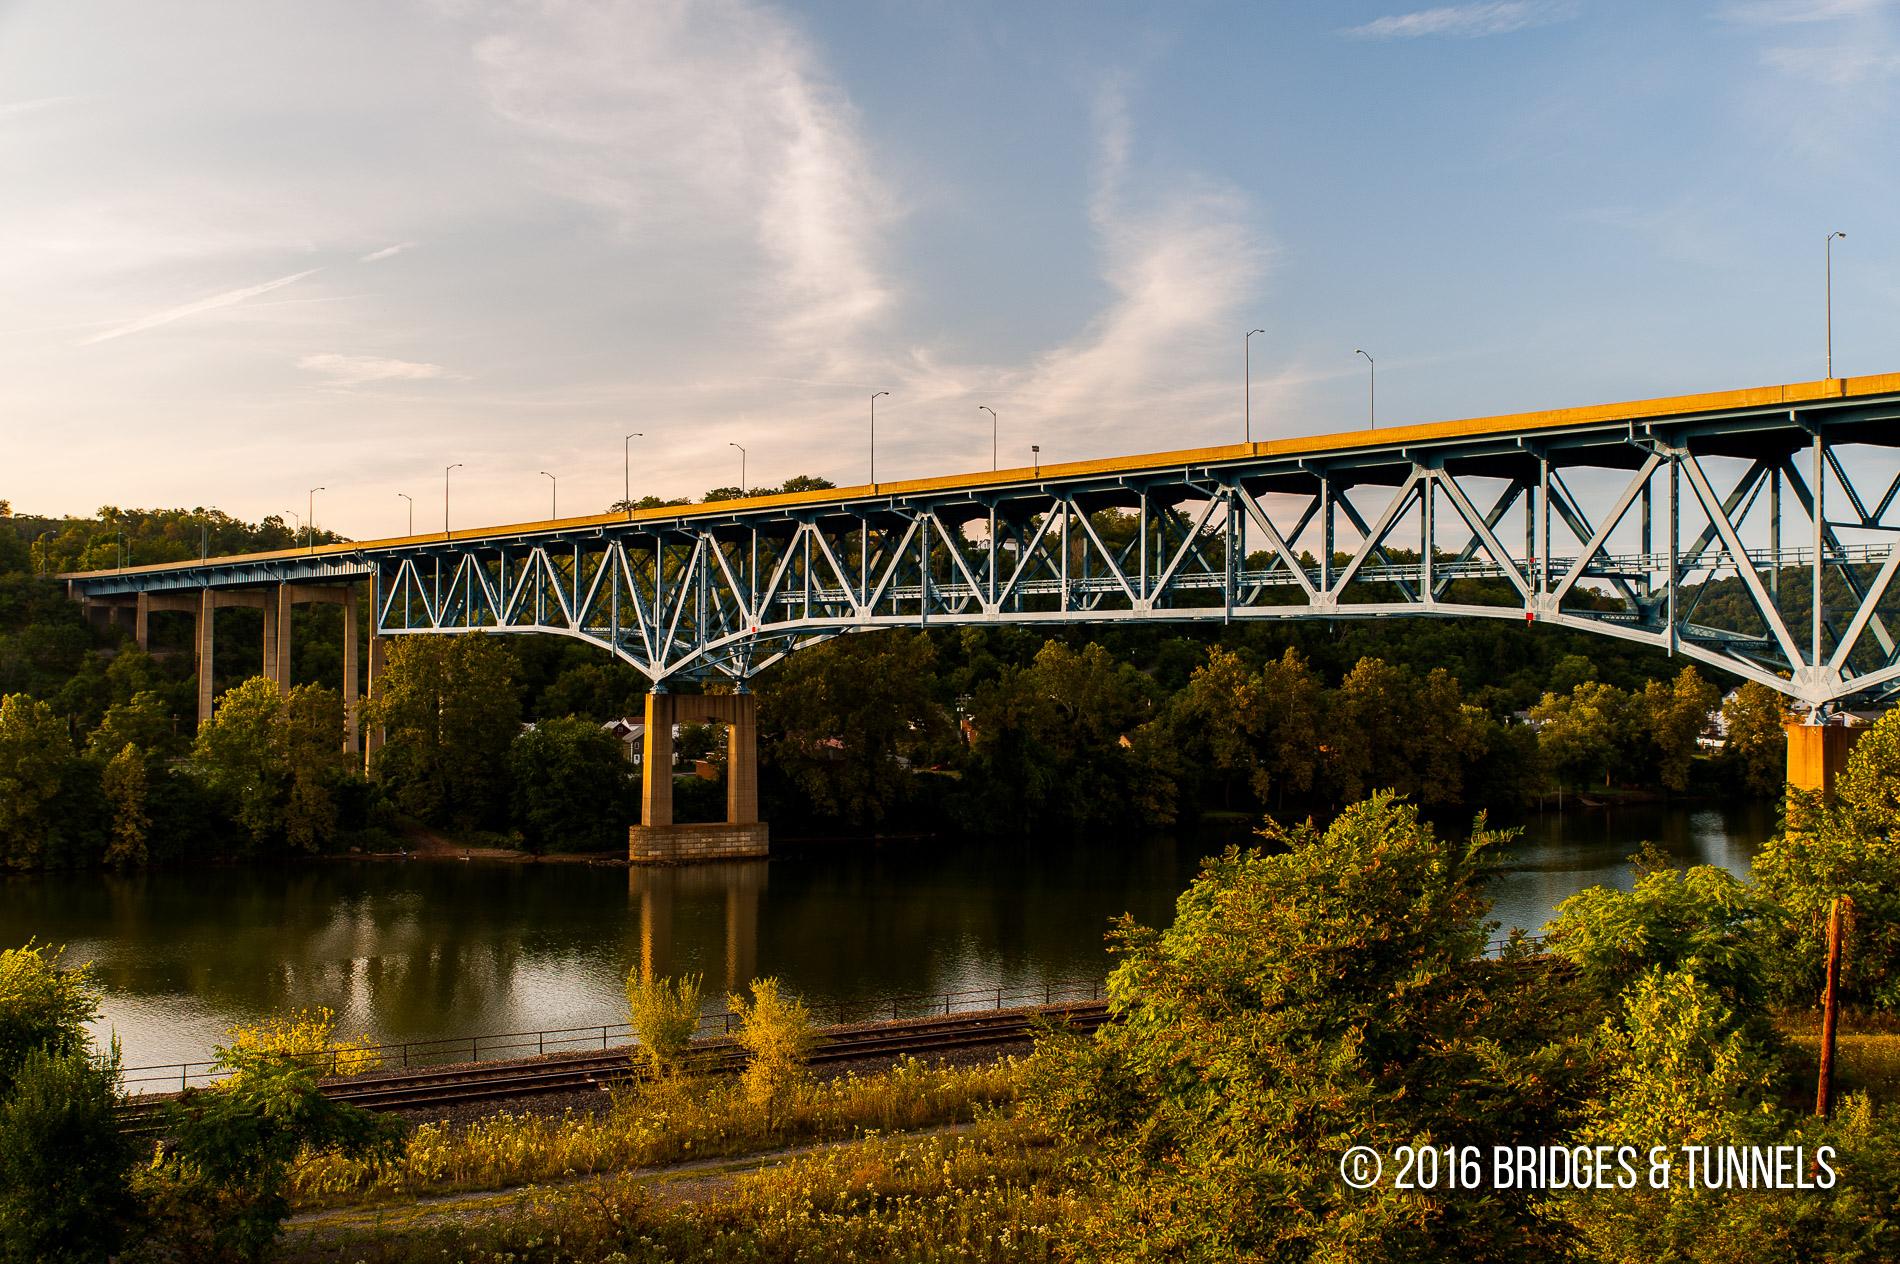 Brownsville High Level Bridge (US 40)